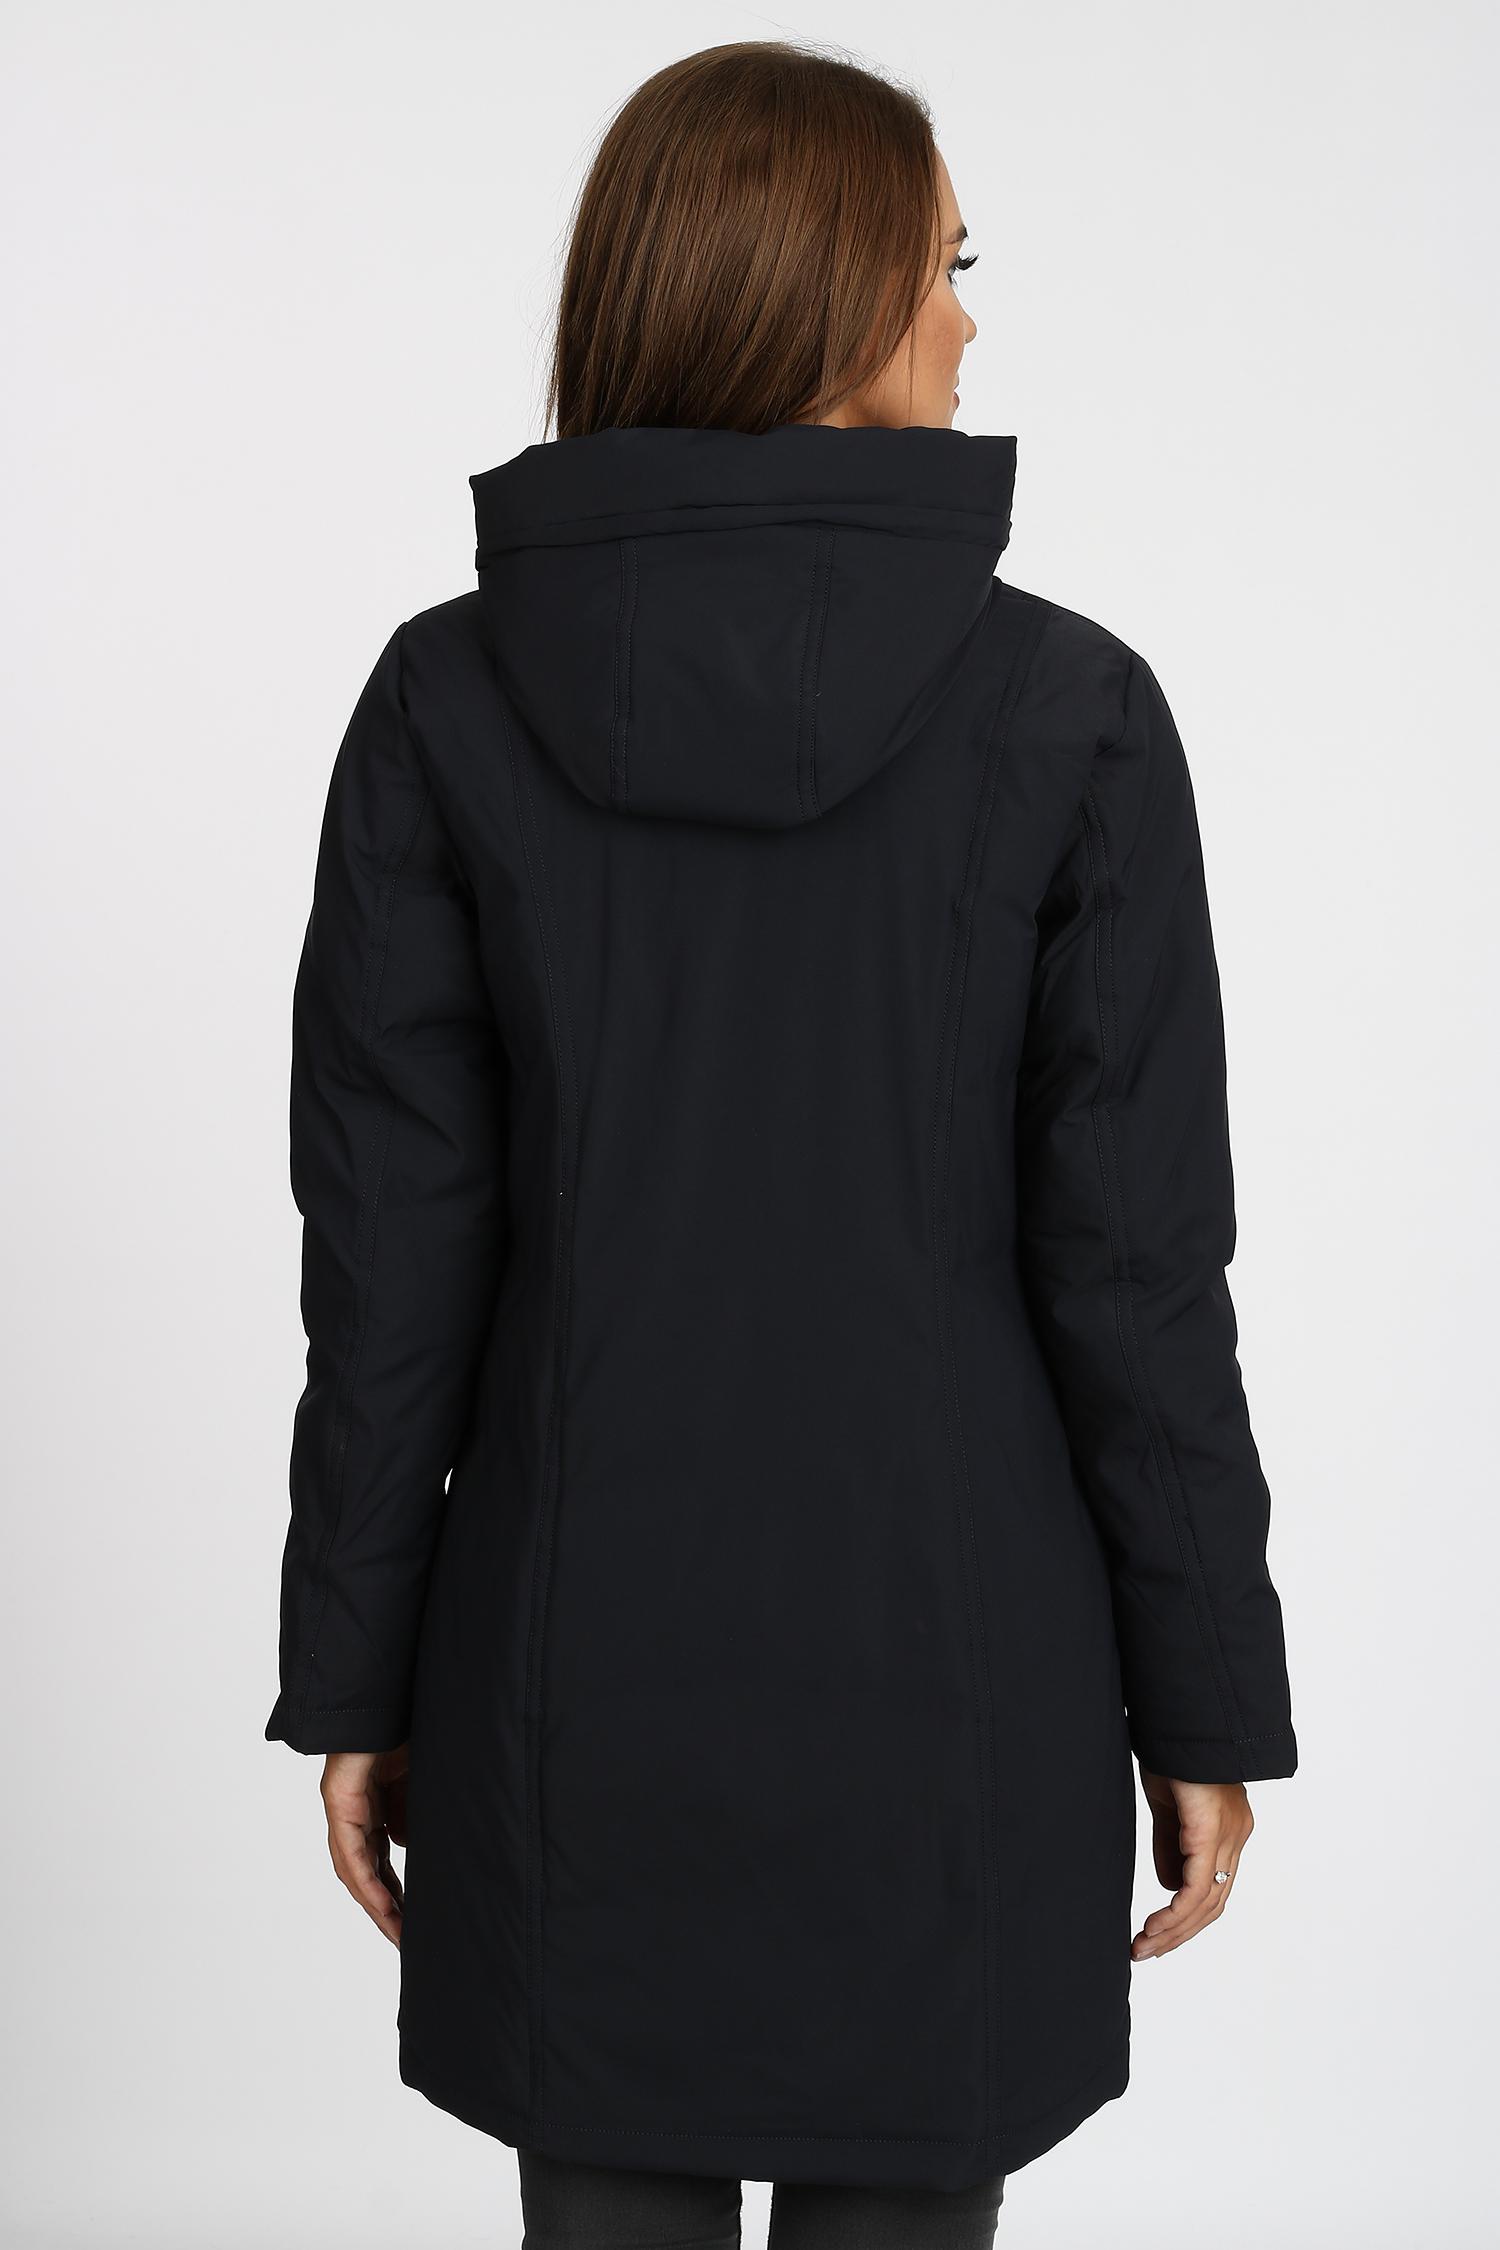 Пуховик женский из текстиля с капюшоном, без отделки